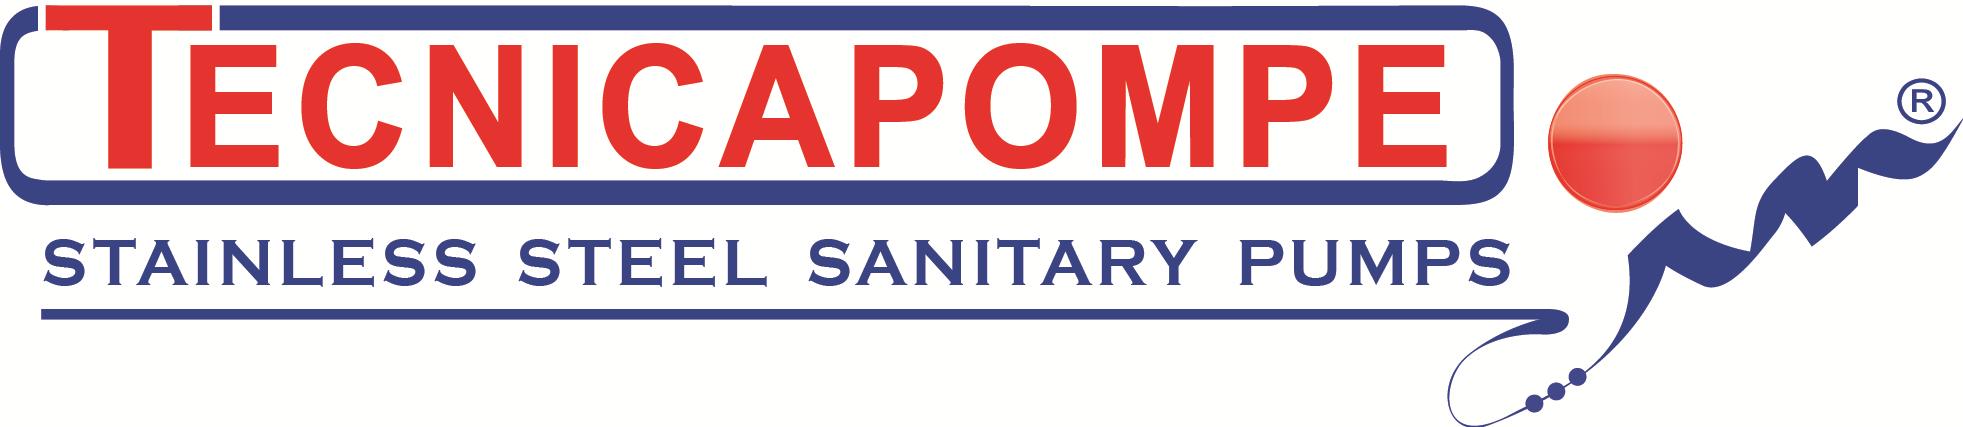 tecnicapompe logo